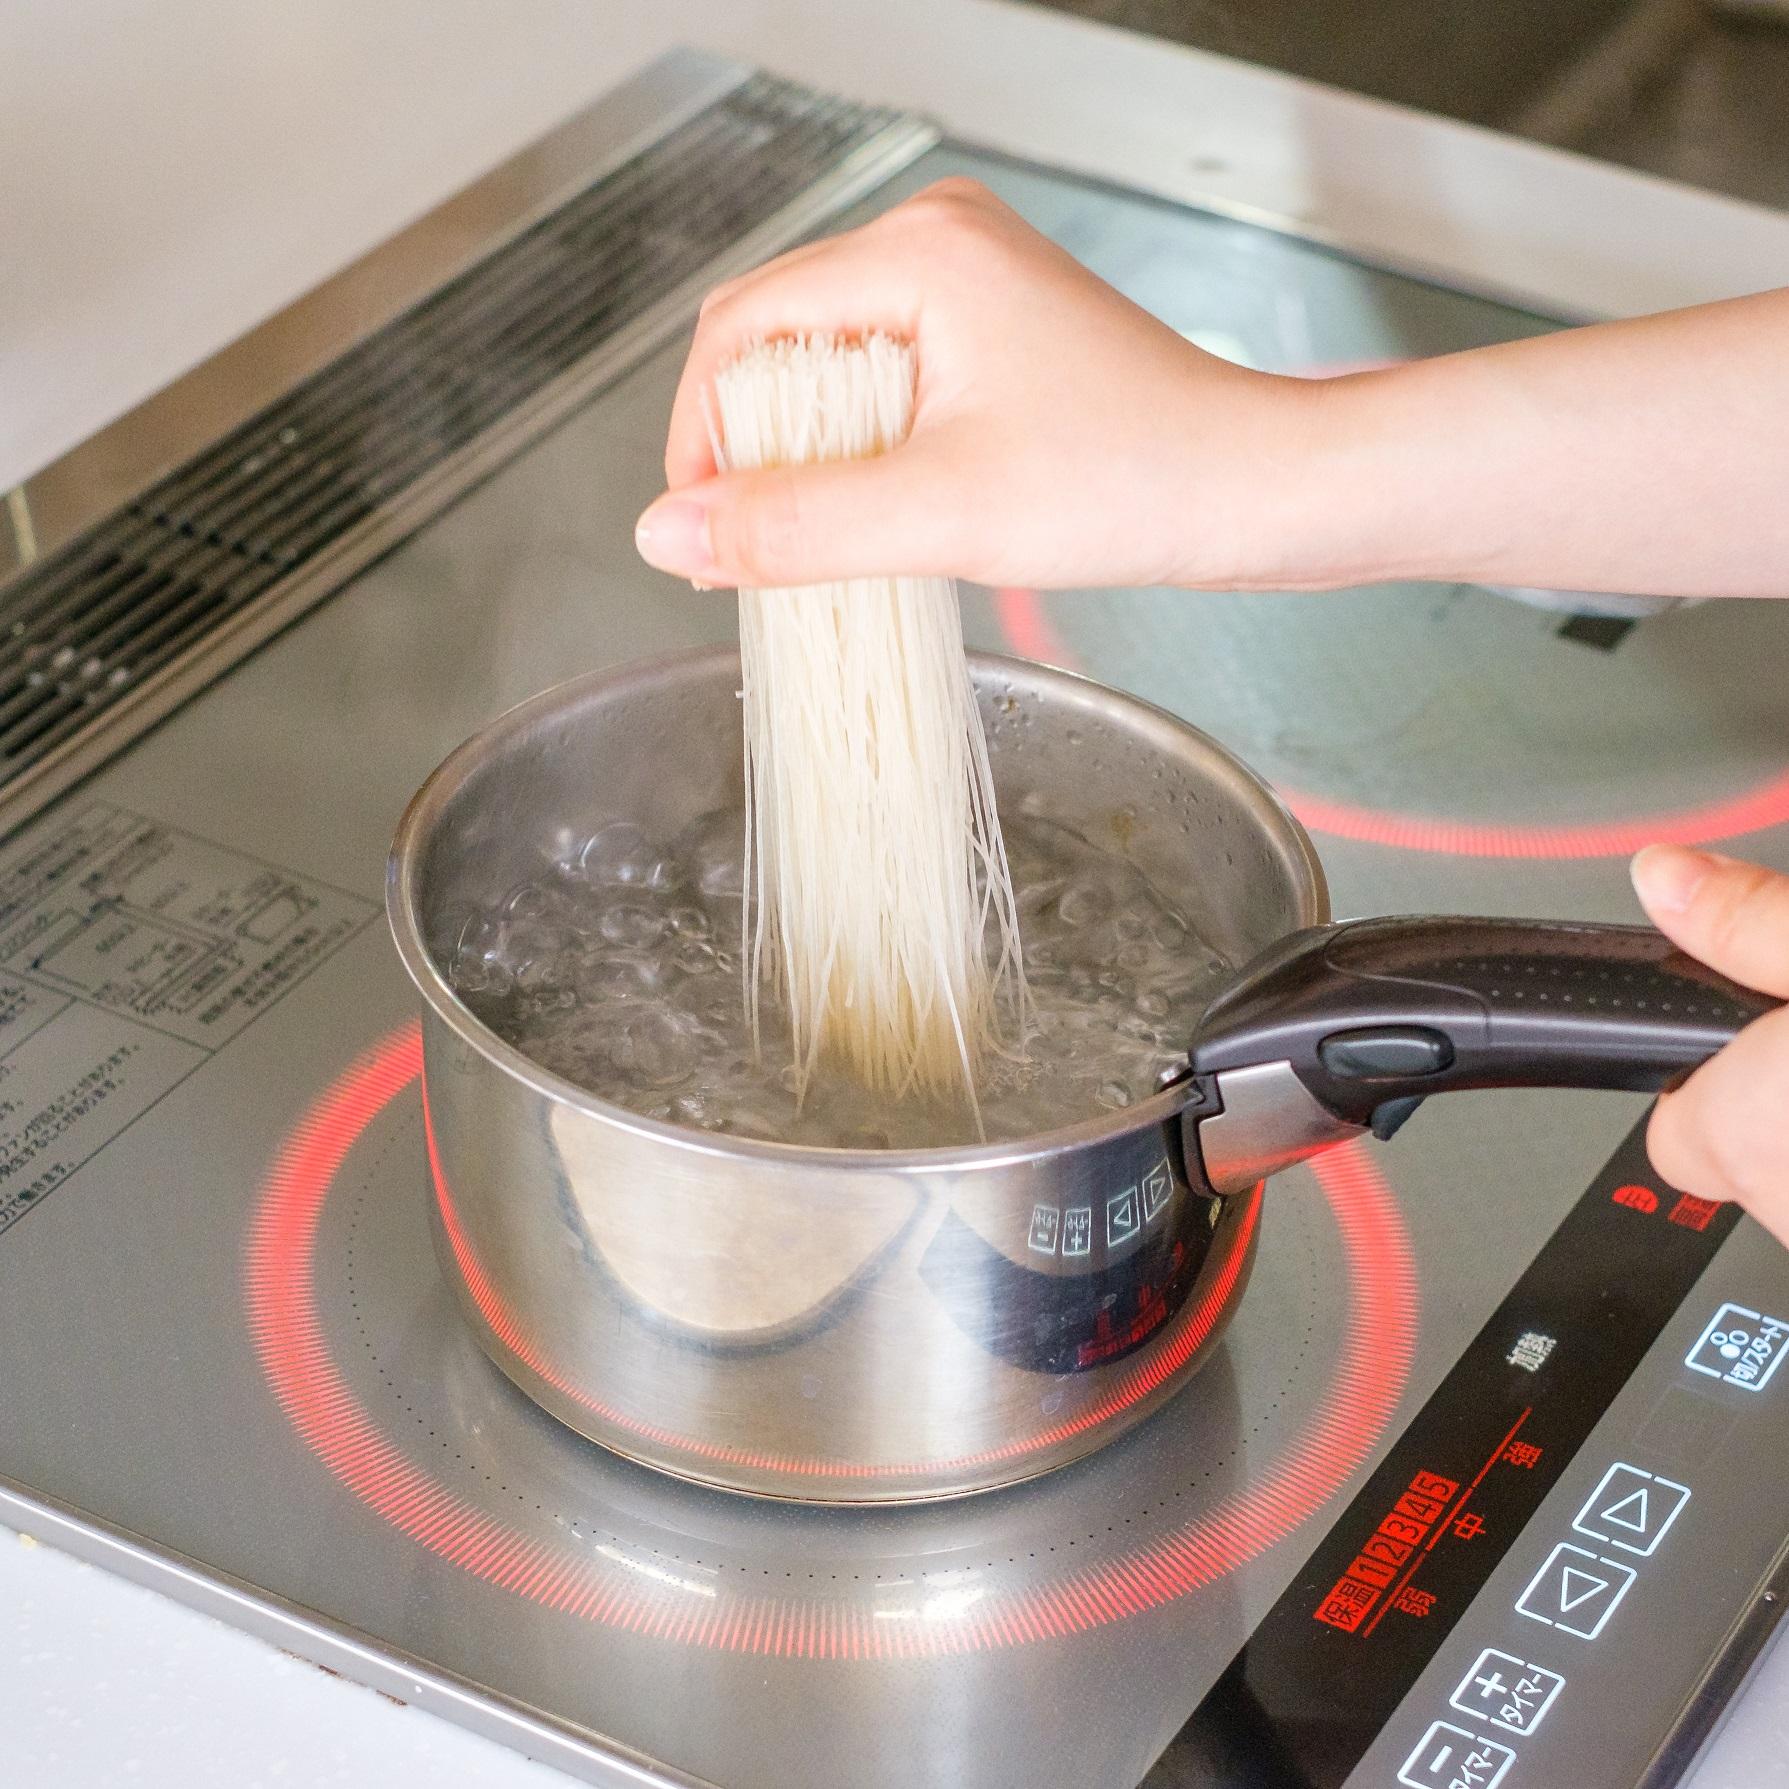 ビーフンをお湯がフツフツとなる火加減で4分間ゆがき、4分後ザルにとり、流水でよく冷やしてしっかり水気を切る。